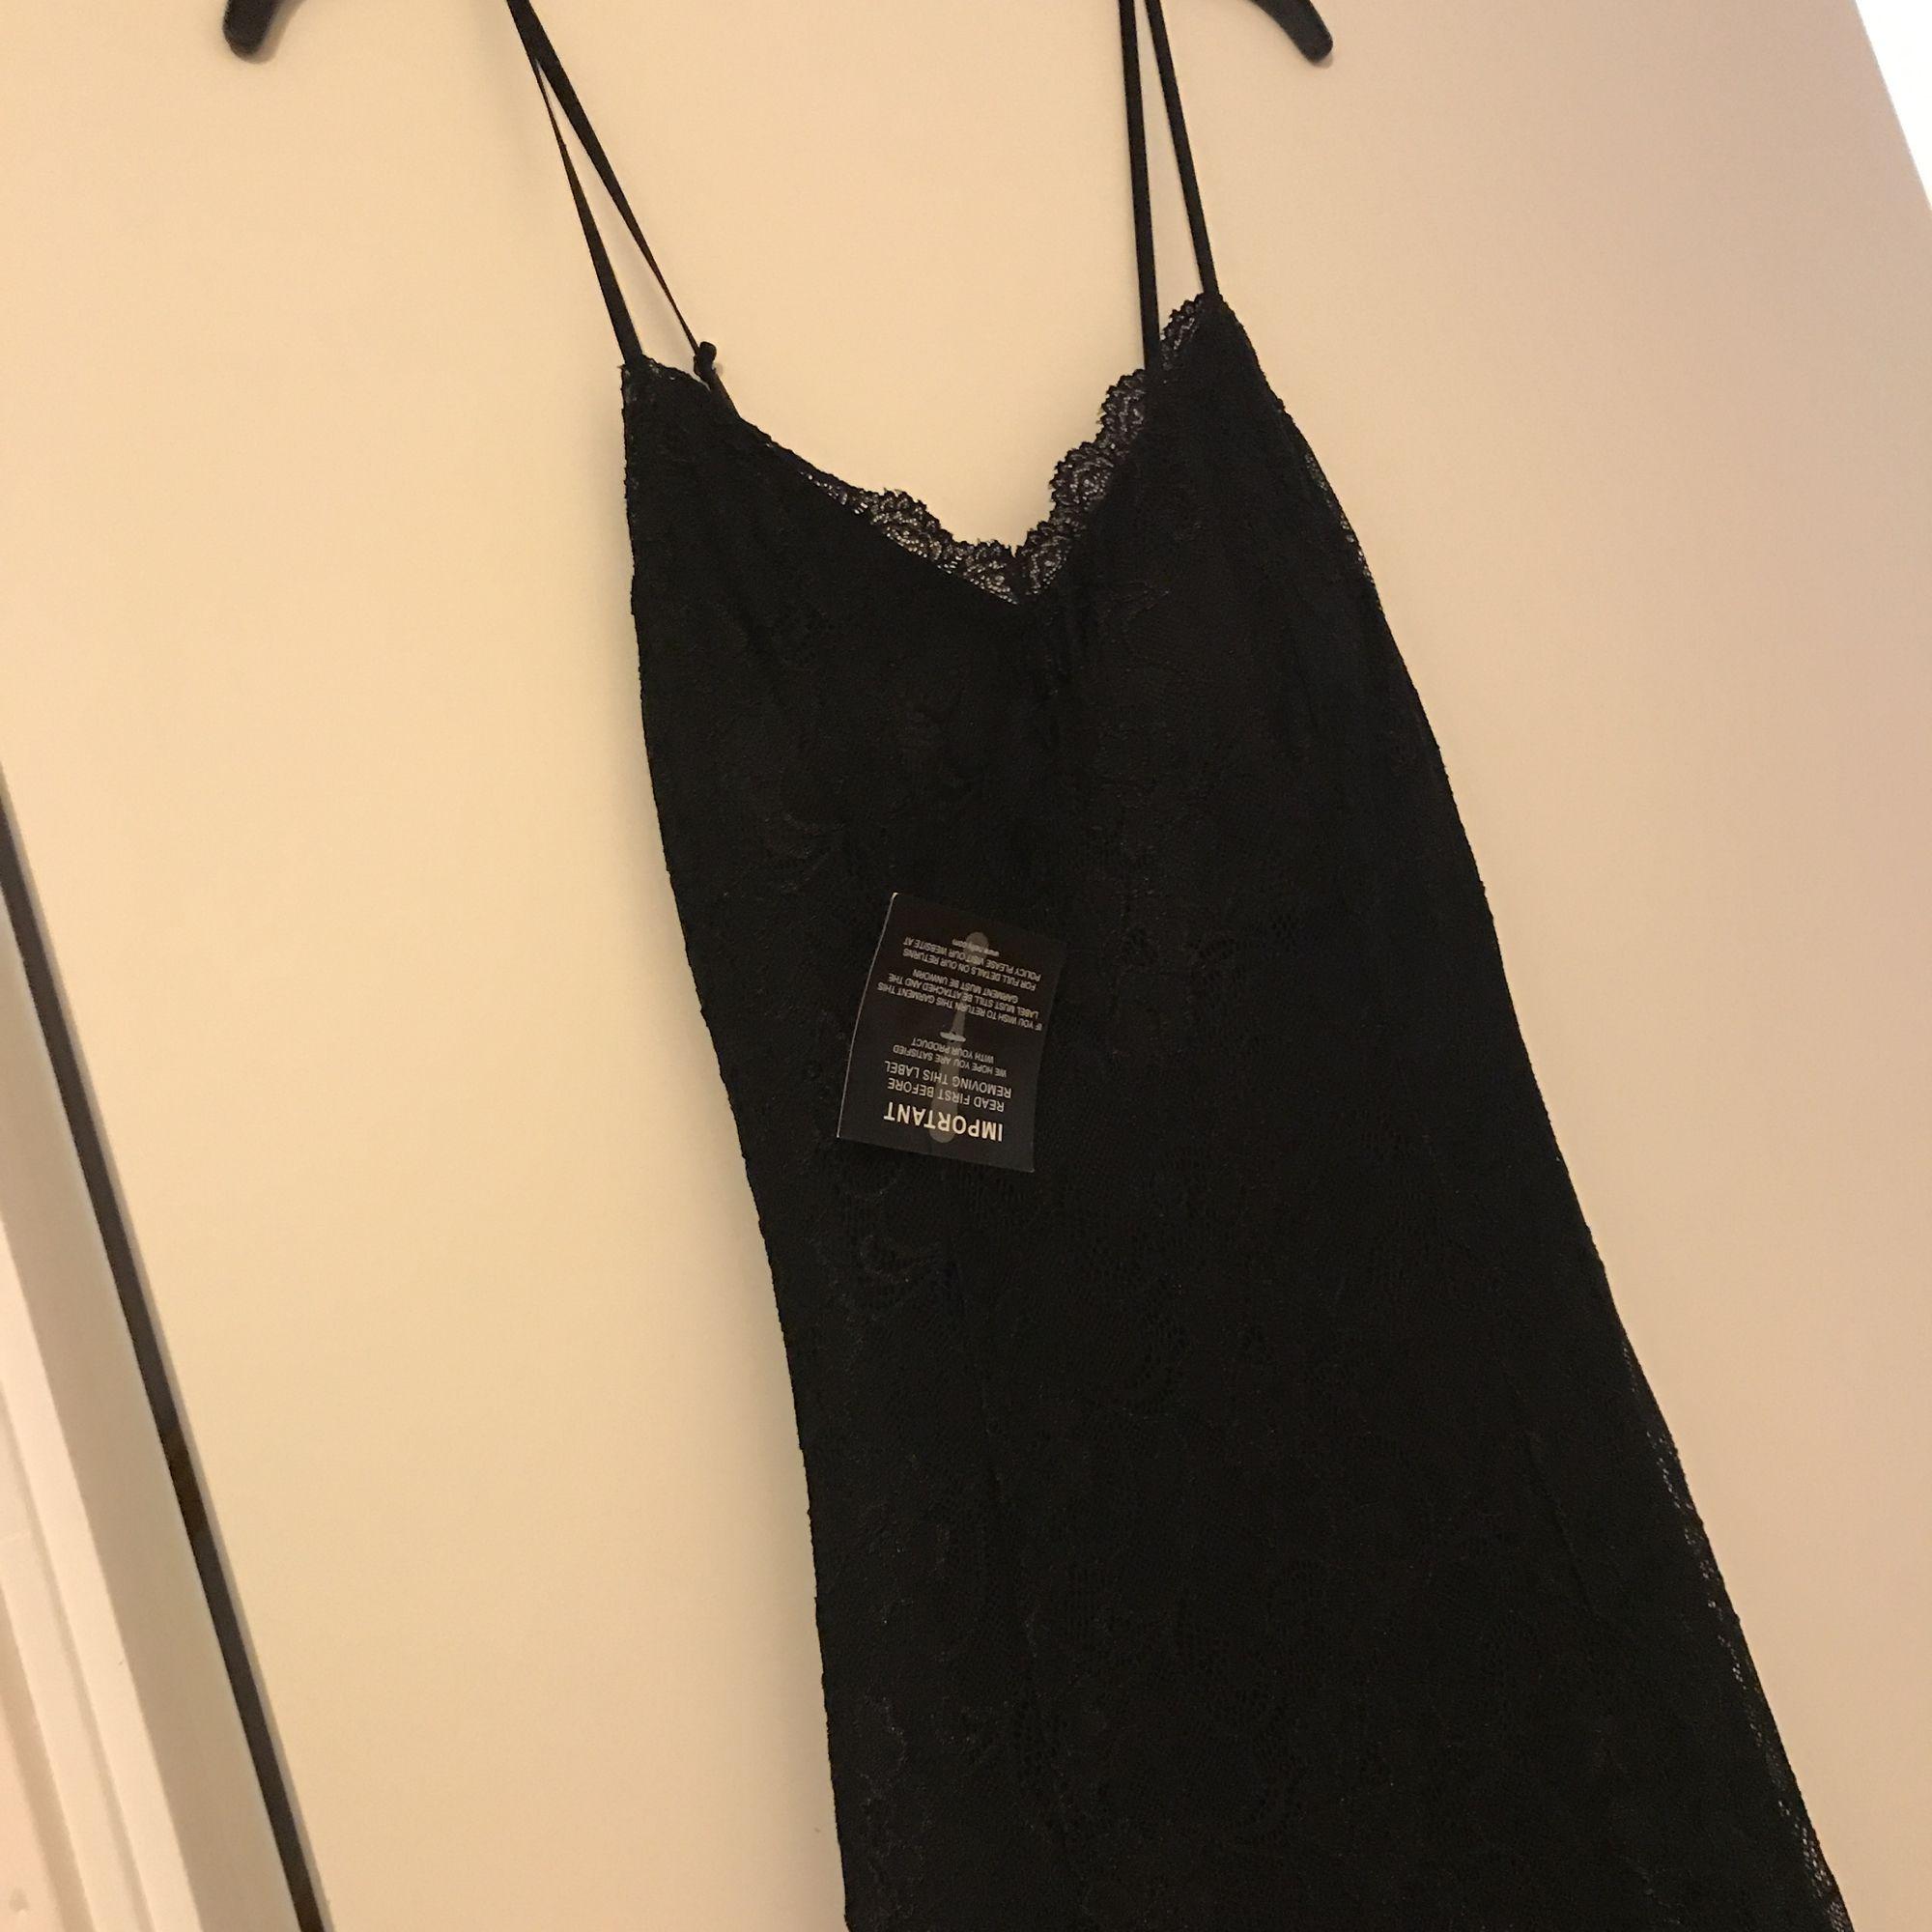 Stretching lång klänning från nelly, aldrig använt och lapparna kvar. Klänningar.